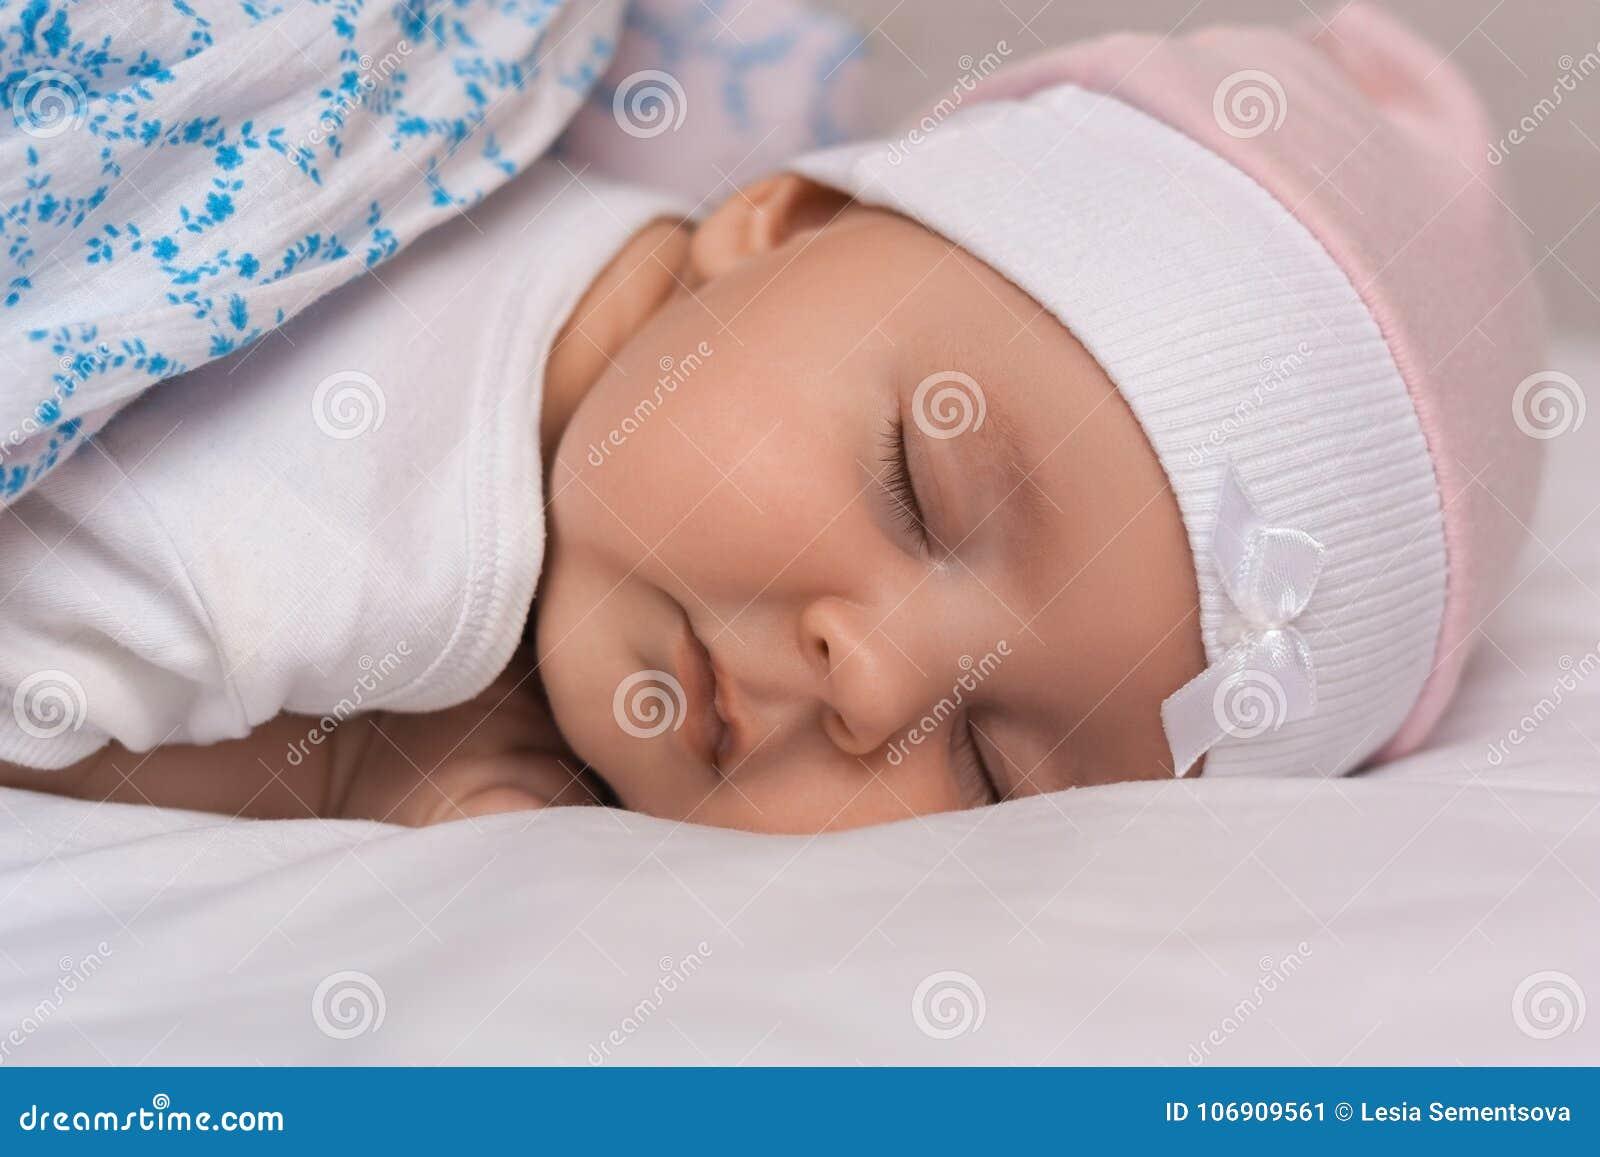 Zakończenie w górę portreta uroczy uroczy dziecko śpi spokojnie w łóżku, zakrywającym z ciepłą koc, przyjemnego zdrowego słodkieg